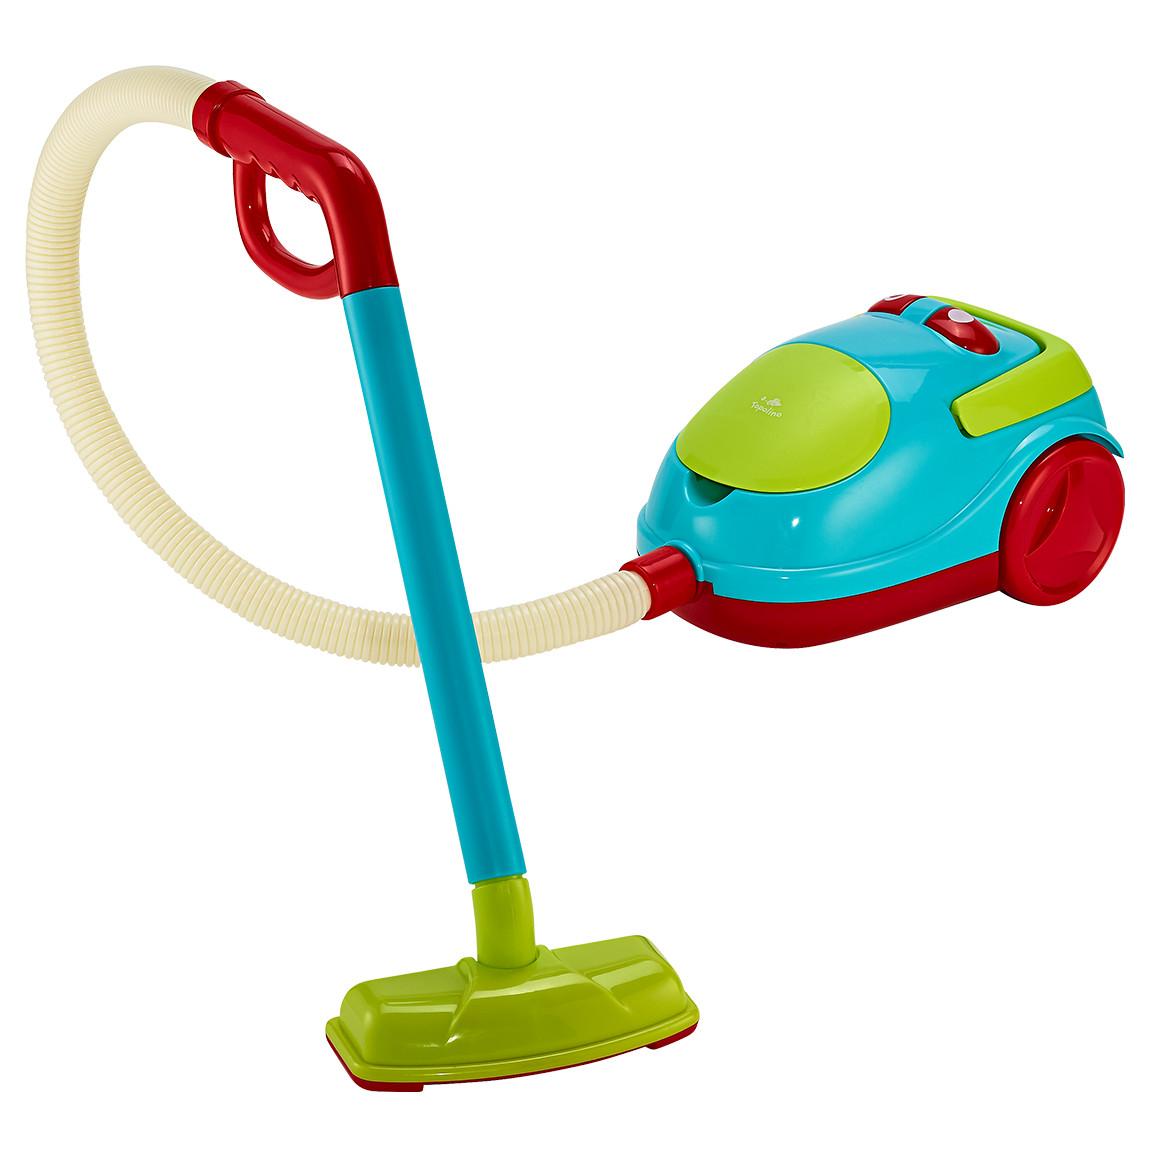 rot blauer Spielzeugstaubsauger